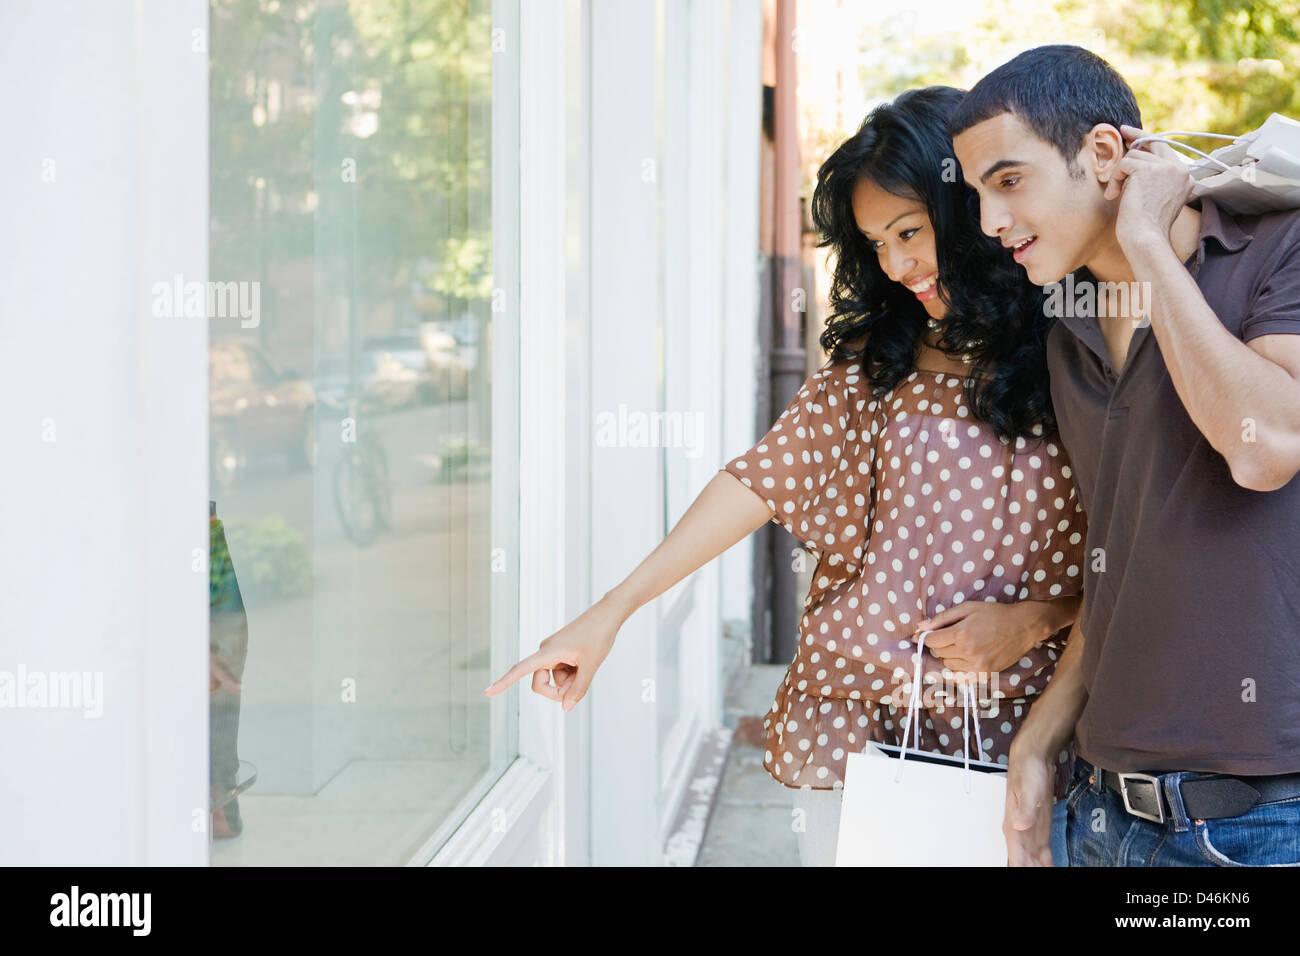 Hispanic-Latino Couple Enjoying a Shopping Lifestyle in New York - Stock Image